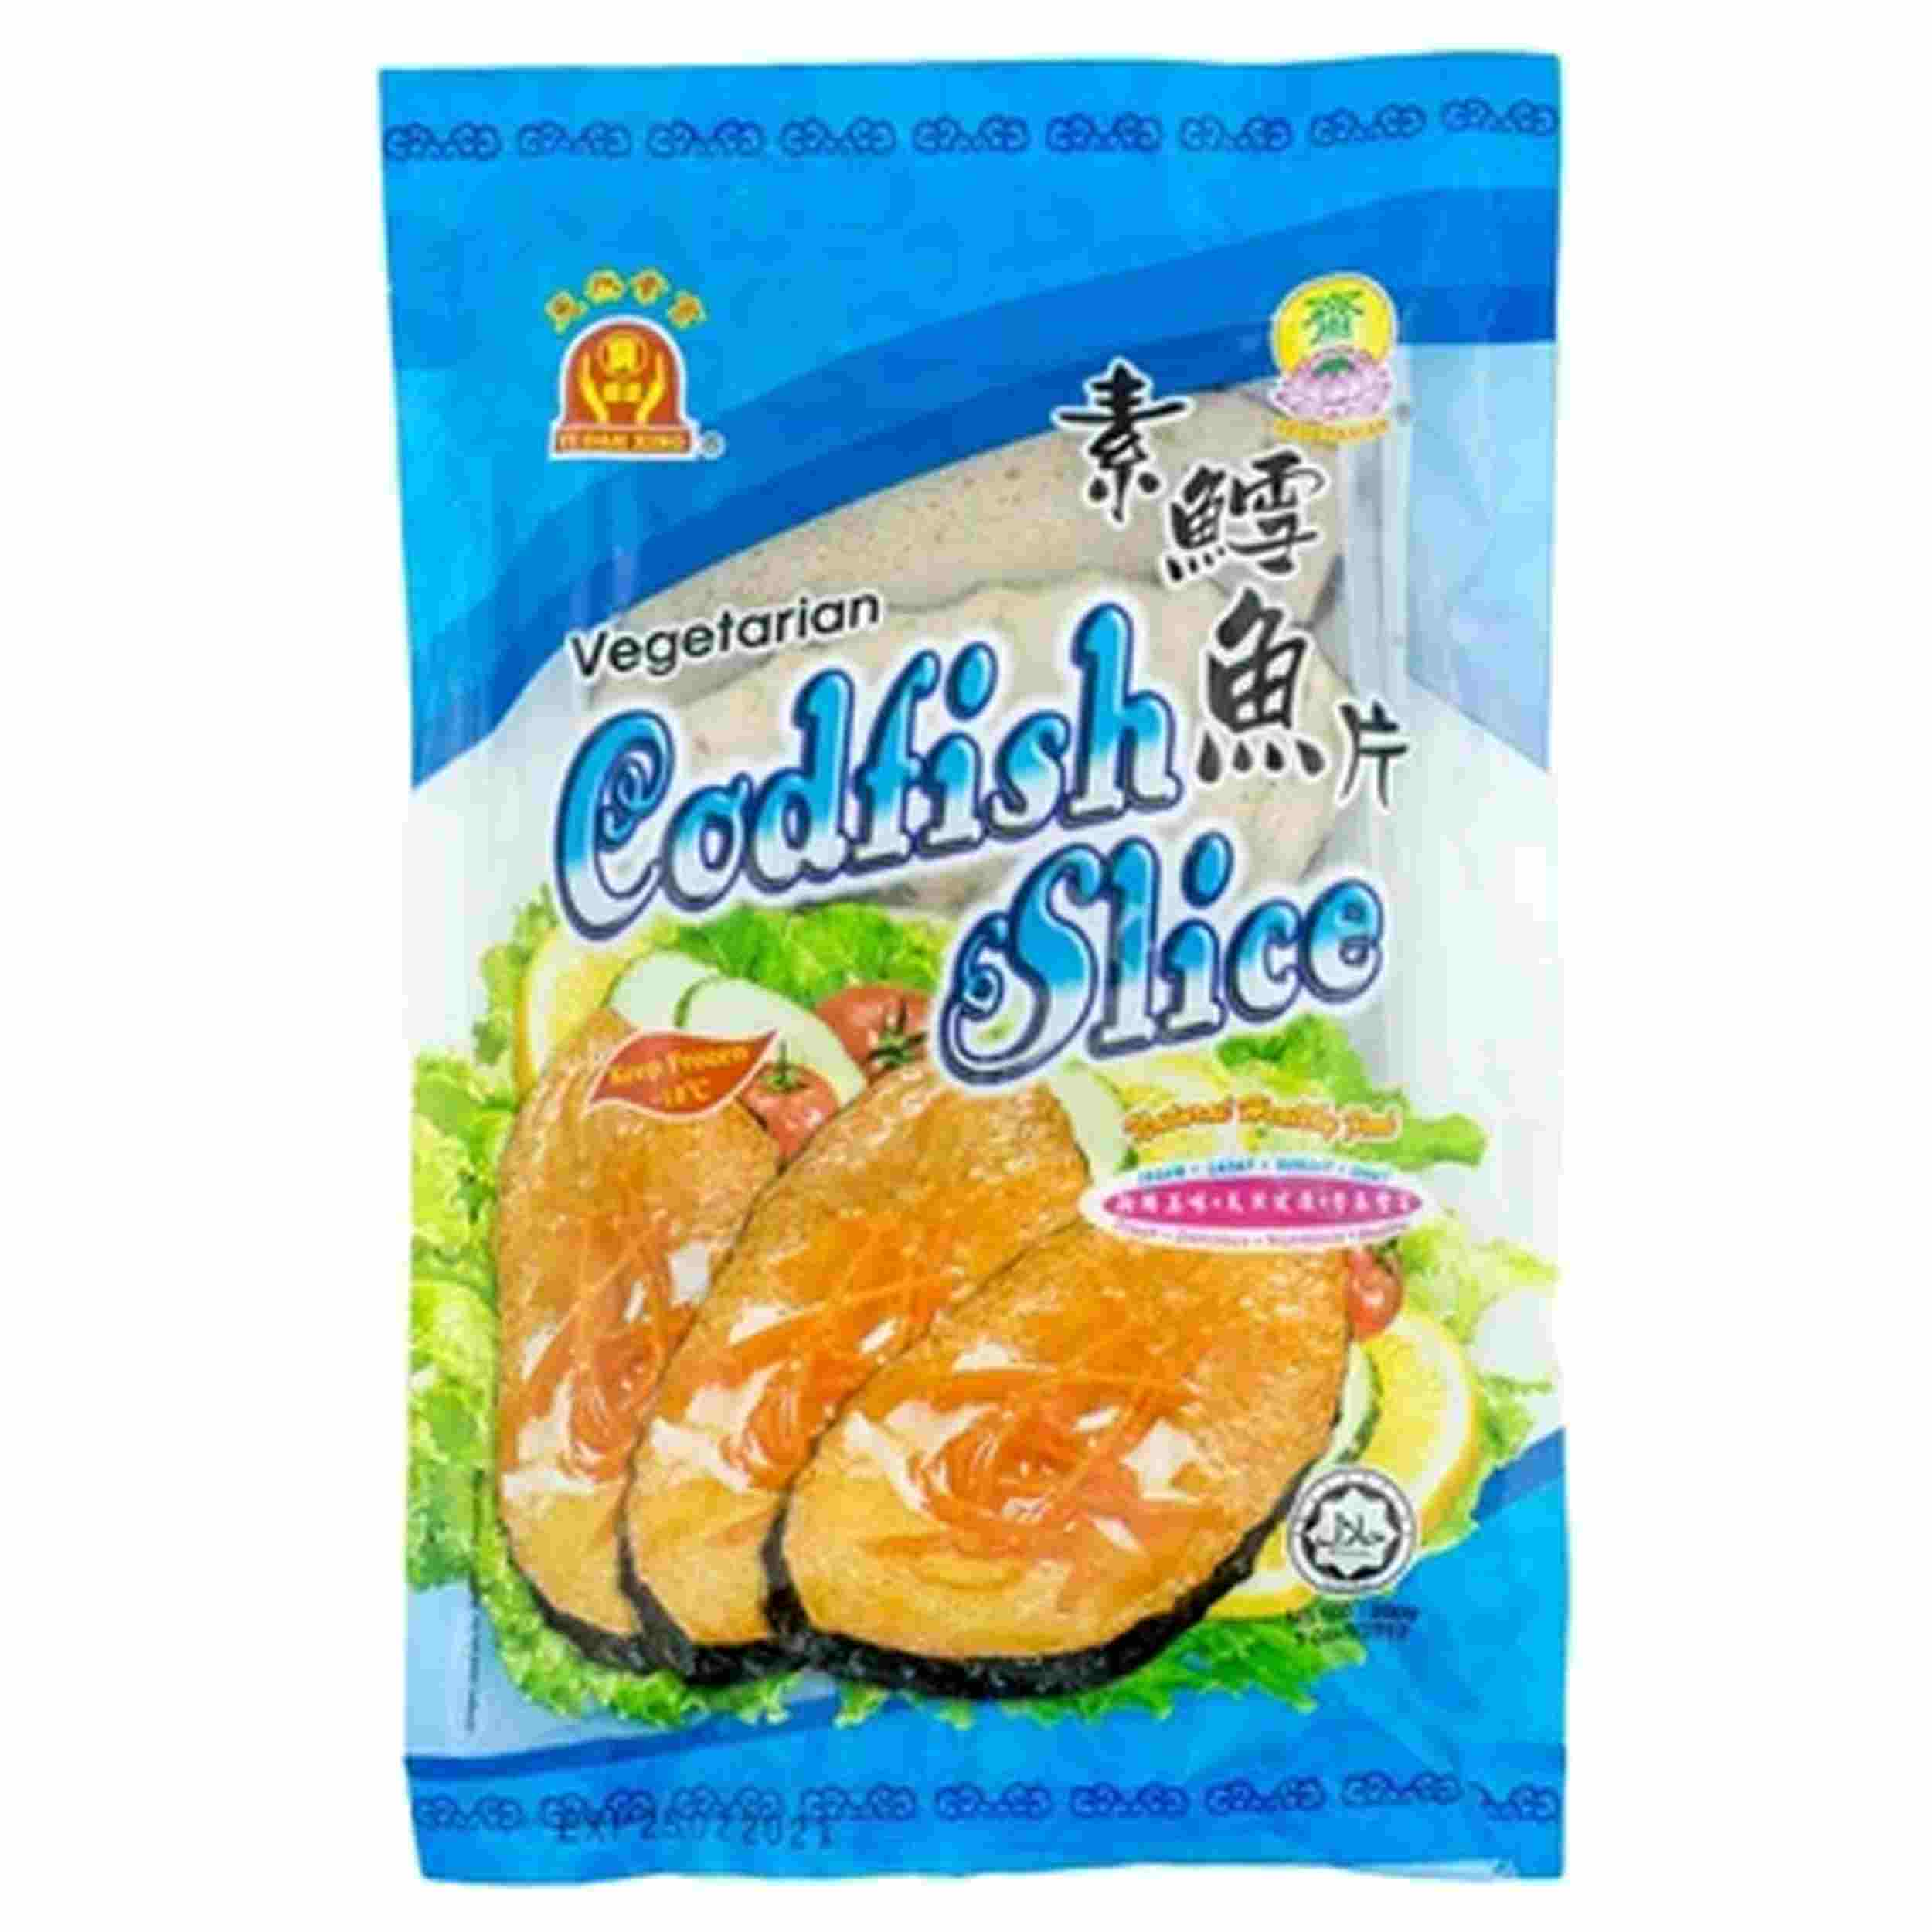 Image Yi Dah Xing Vegetarian Cod Fish Slice 益达兴 - 素鳕鱼片 225 grams